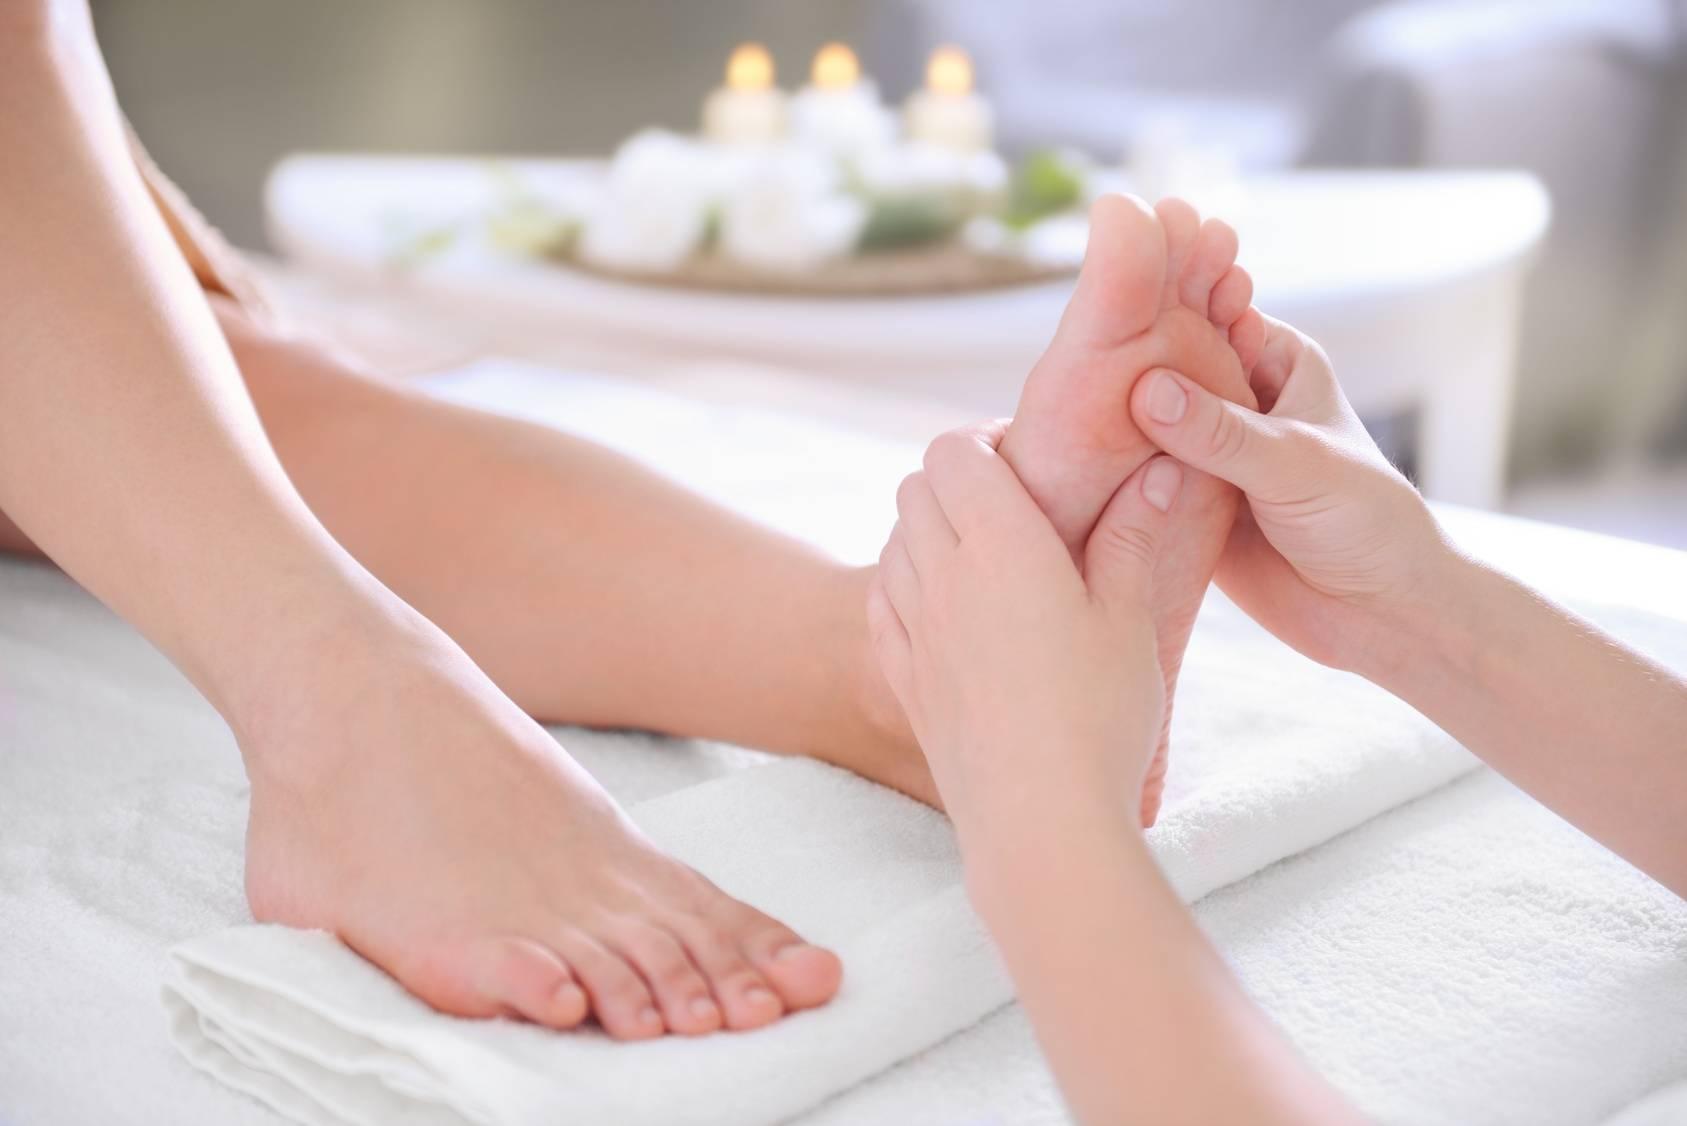 Refleksologia - na czym polega leczniczy masaż stóp? Jak wygląda zabieg refleksoterapii? Refleksolog wykonuje zabieg w swoim gabinecie - zbliżenie na stopy.